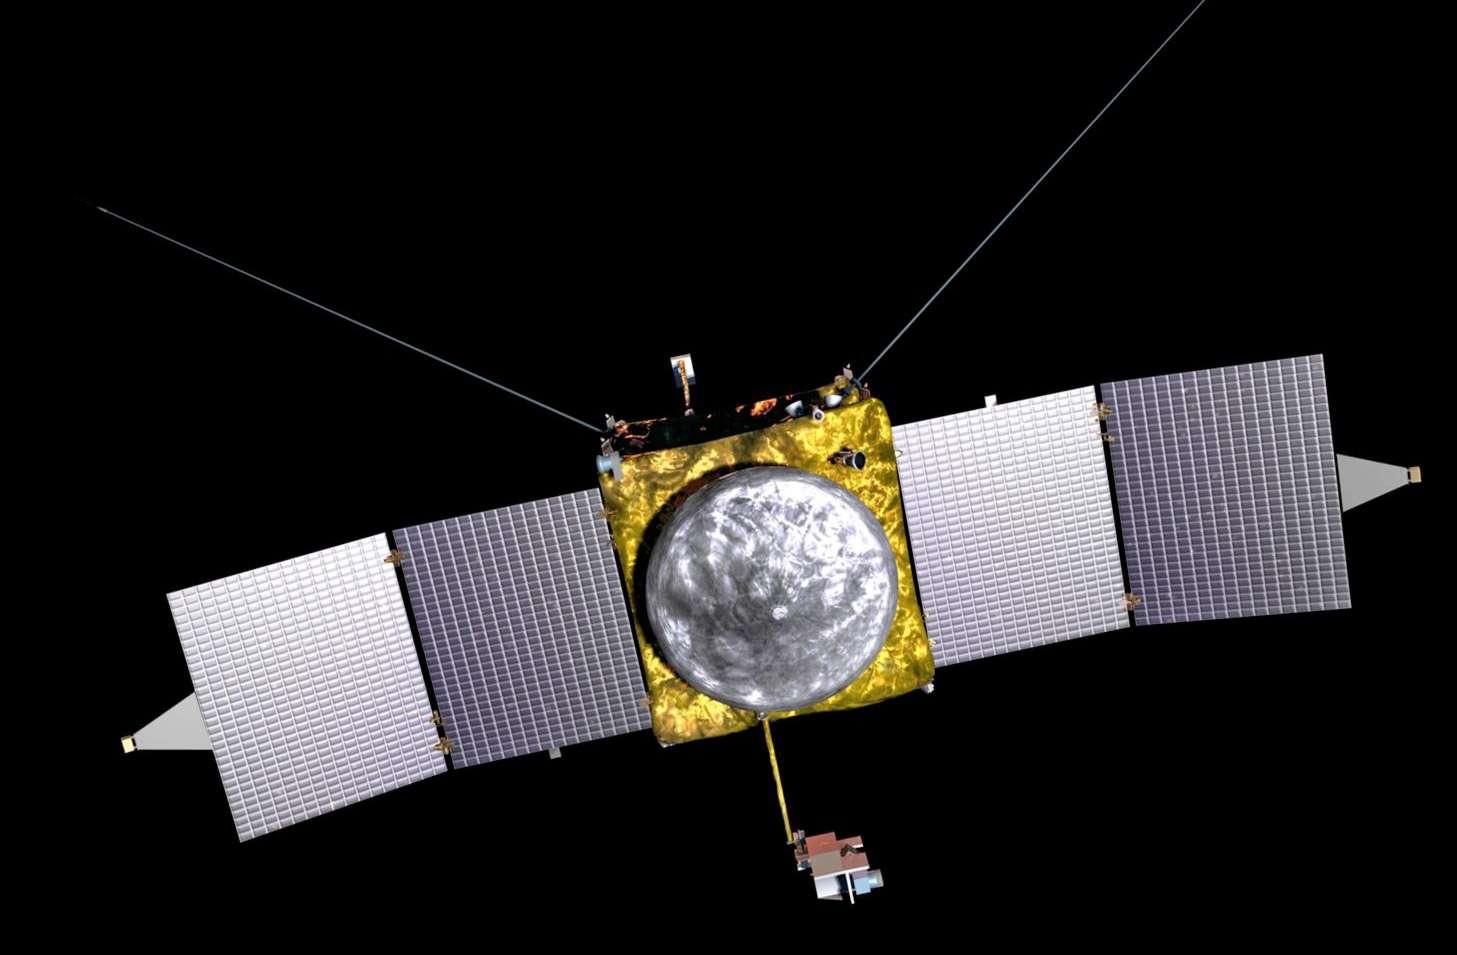 La sonde Maven de la Nasa sera construite par Lockheed Martin à partir de la même plateforme utilisée pour construire les sondes Mars Odyssey (2001) et Mars Reconnaissance Orbiter (2005). © Nasa